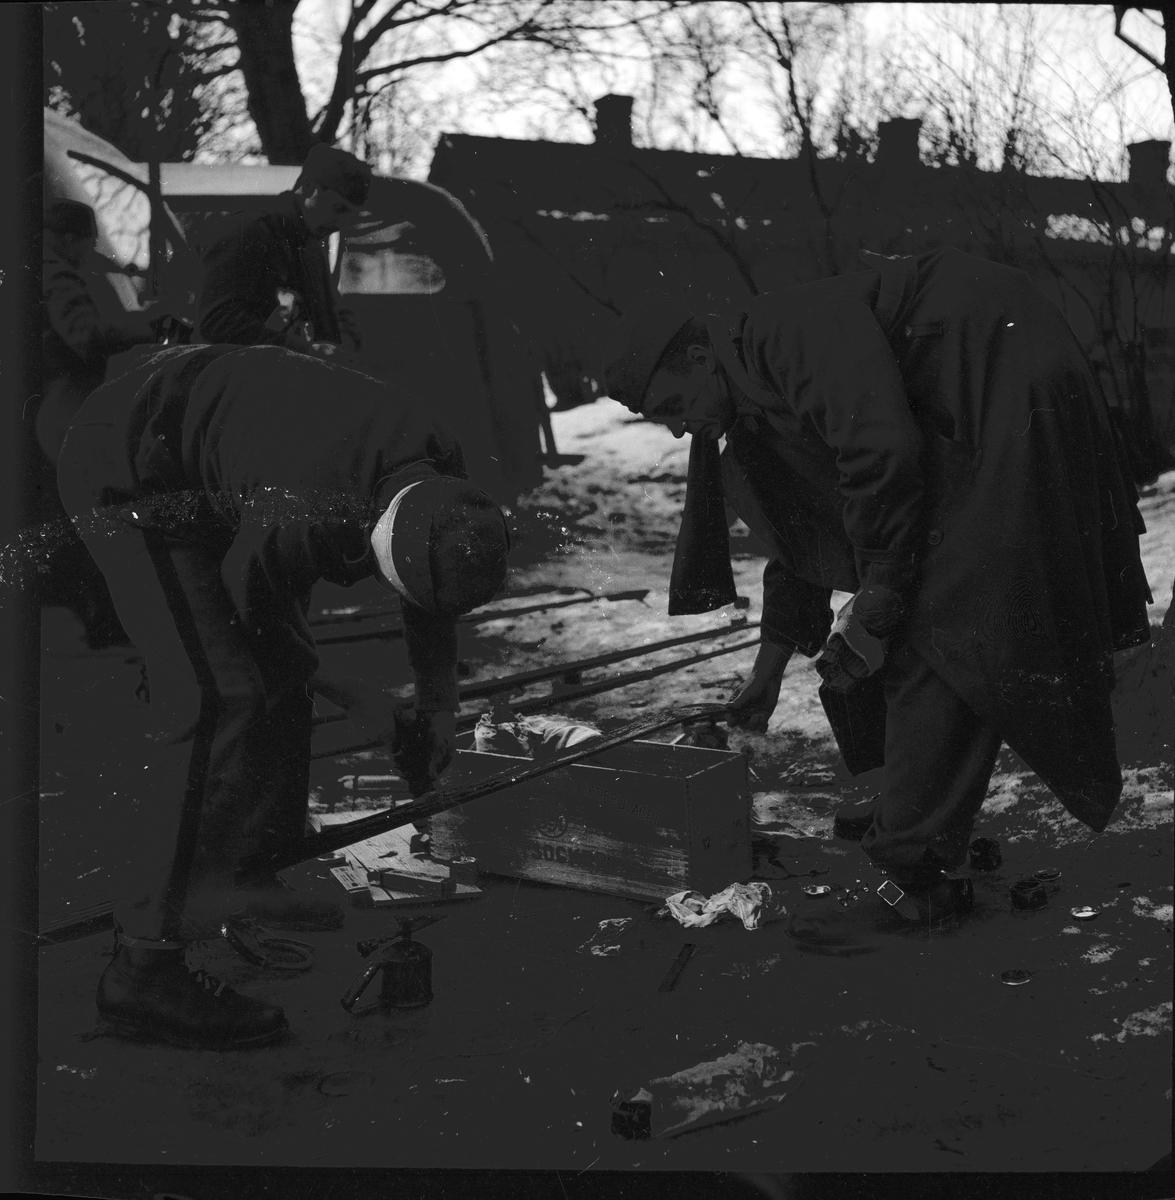 Officerarnas orienteringstävling. Februari 1939. Reportage för Gefle Posten